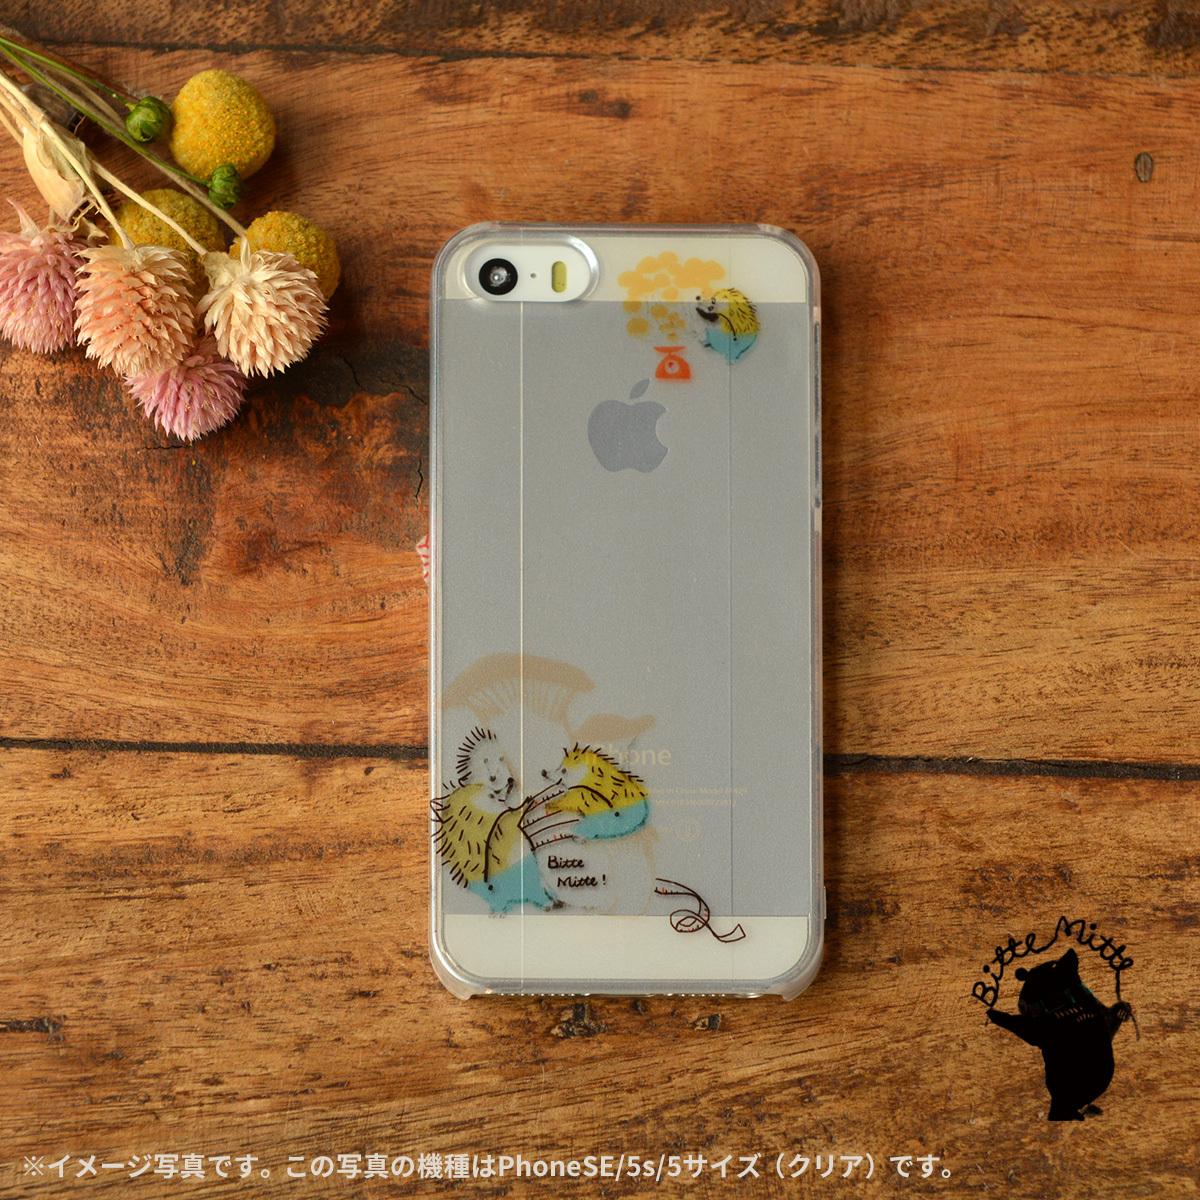 【BASE店限定】アイフォンse ケース クリア iPhoneSE クリアケース キラキラ かわいい はりねずみ ハリネズミの収穫